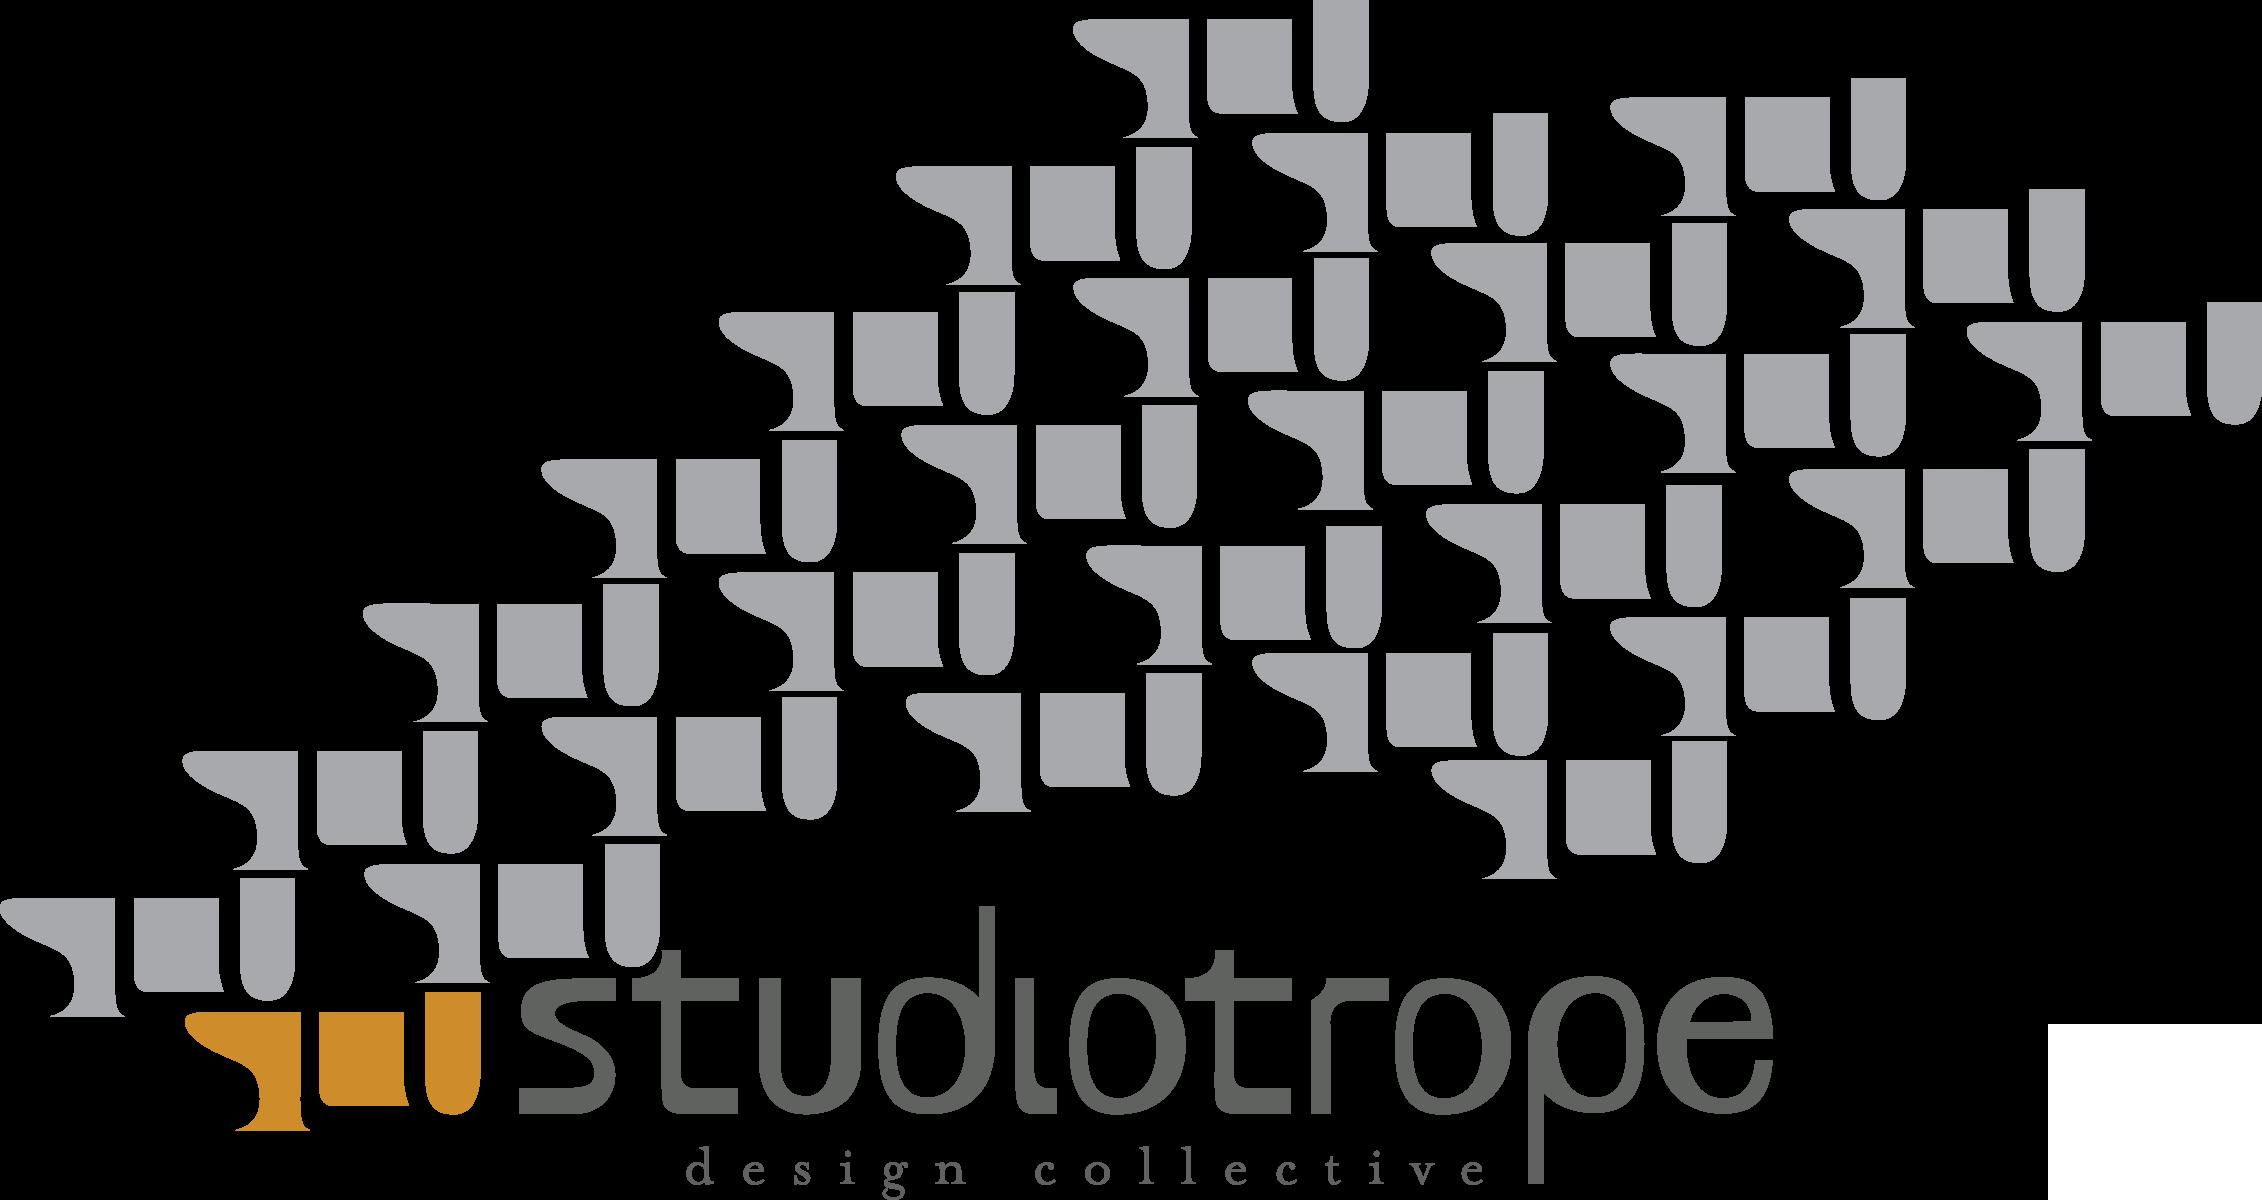 studiotrope logo